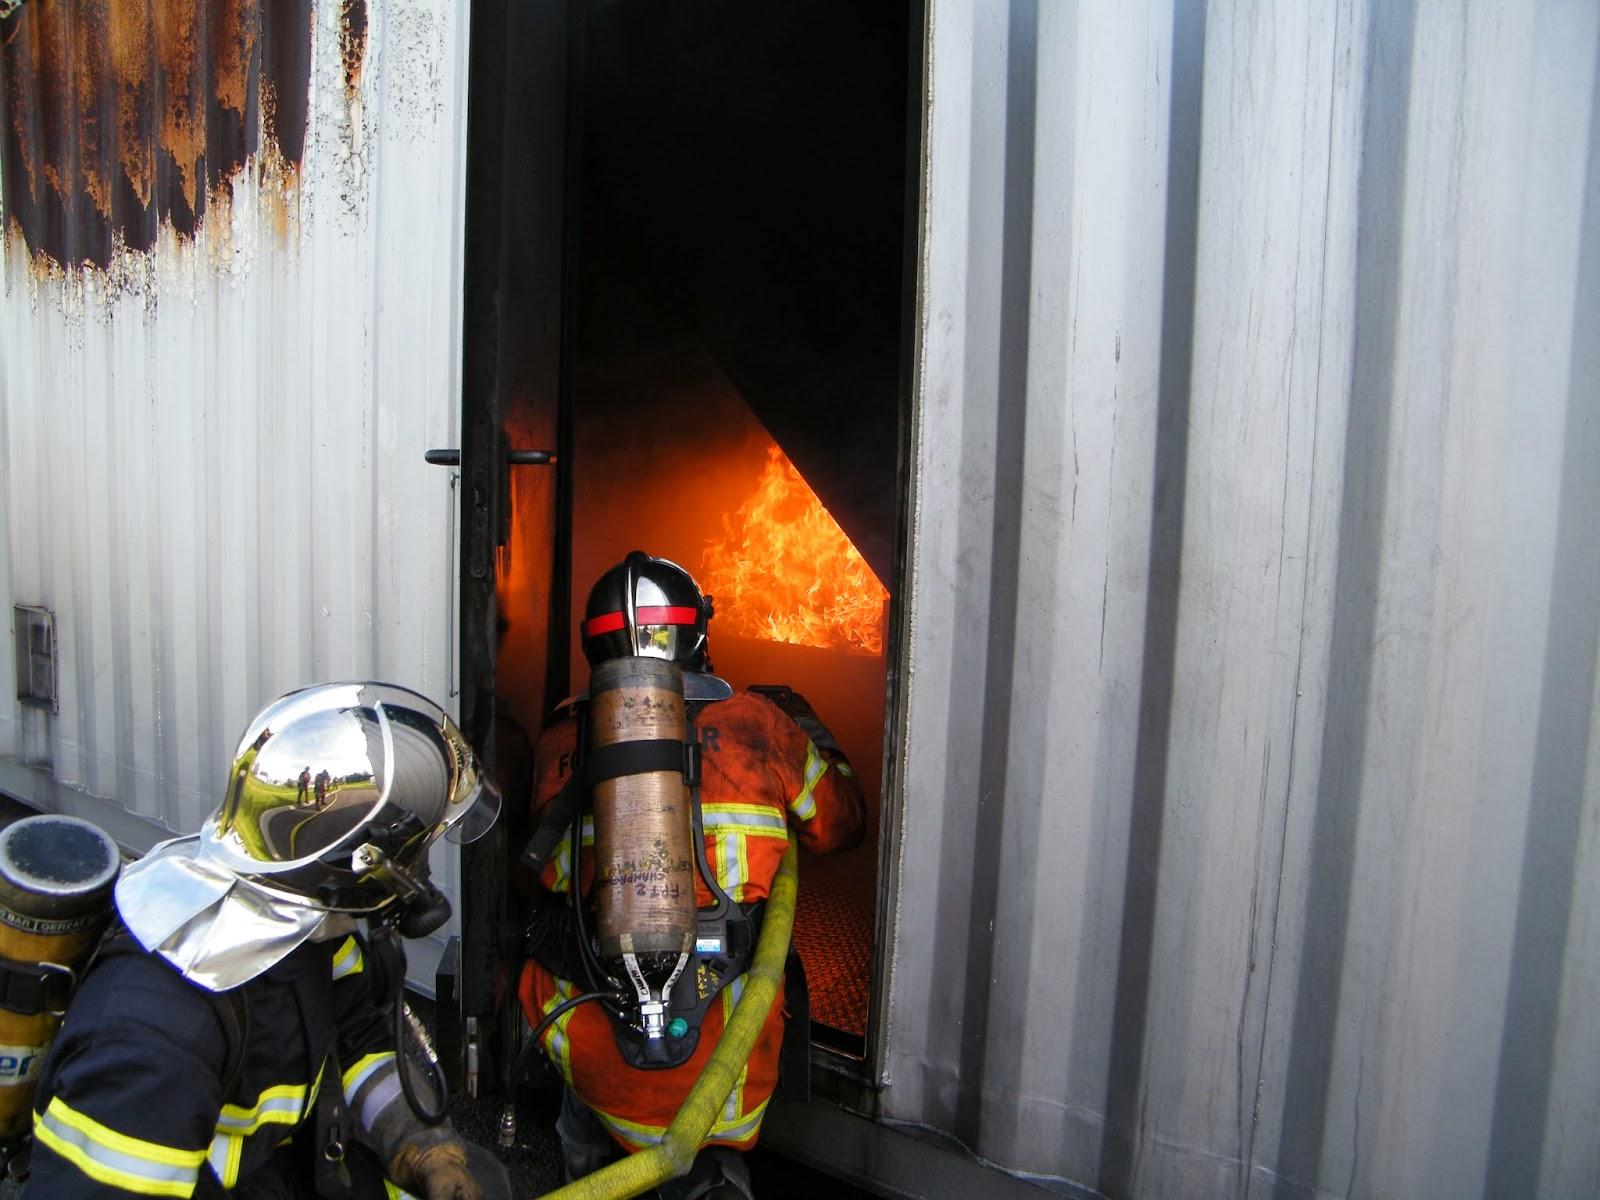 jsp pompiers bletterans caisson feu au gaz. Black Bedroom Furniture Sets. Home Design Ideas